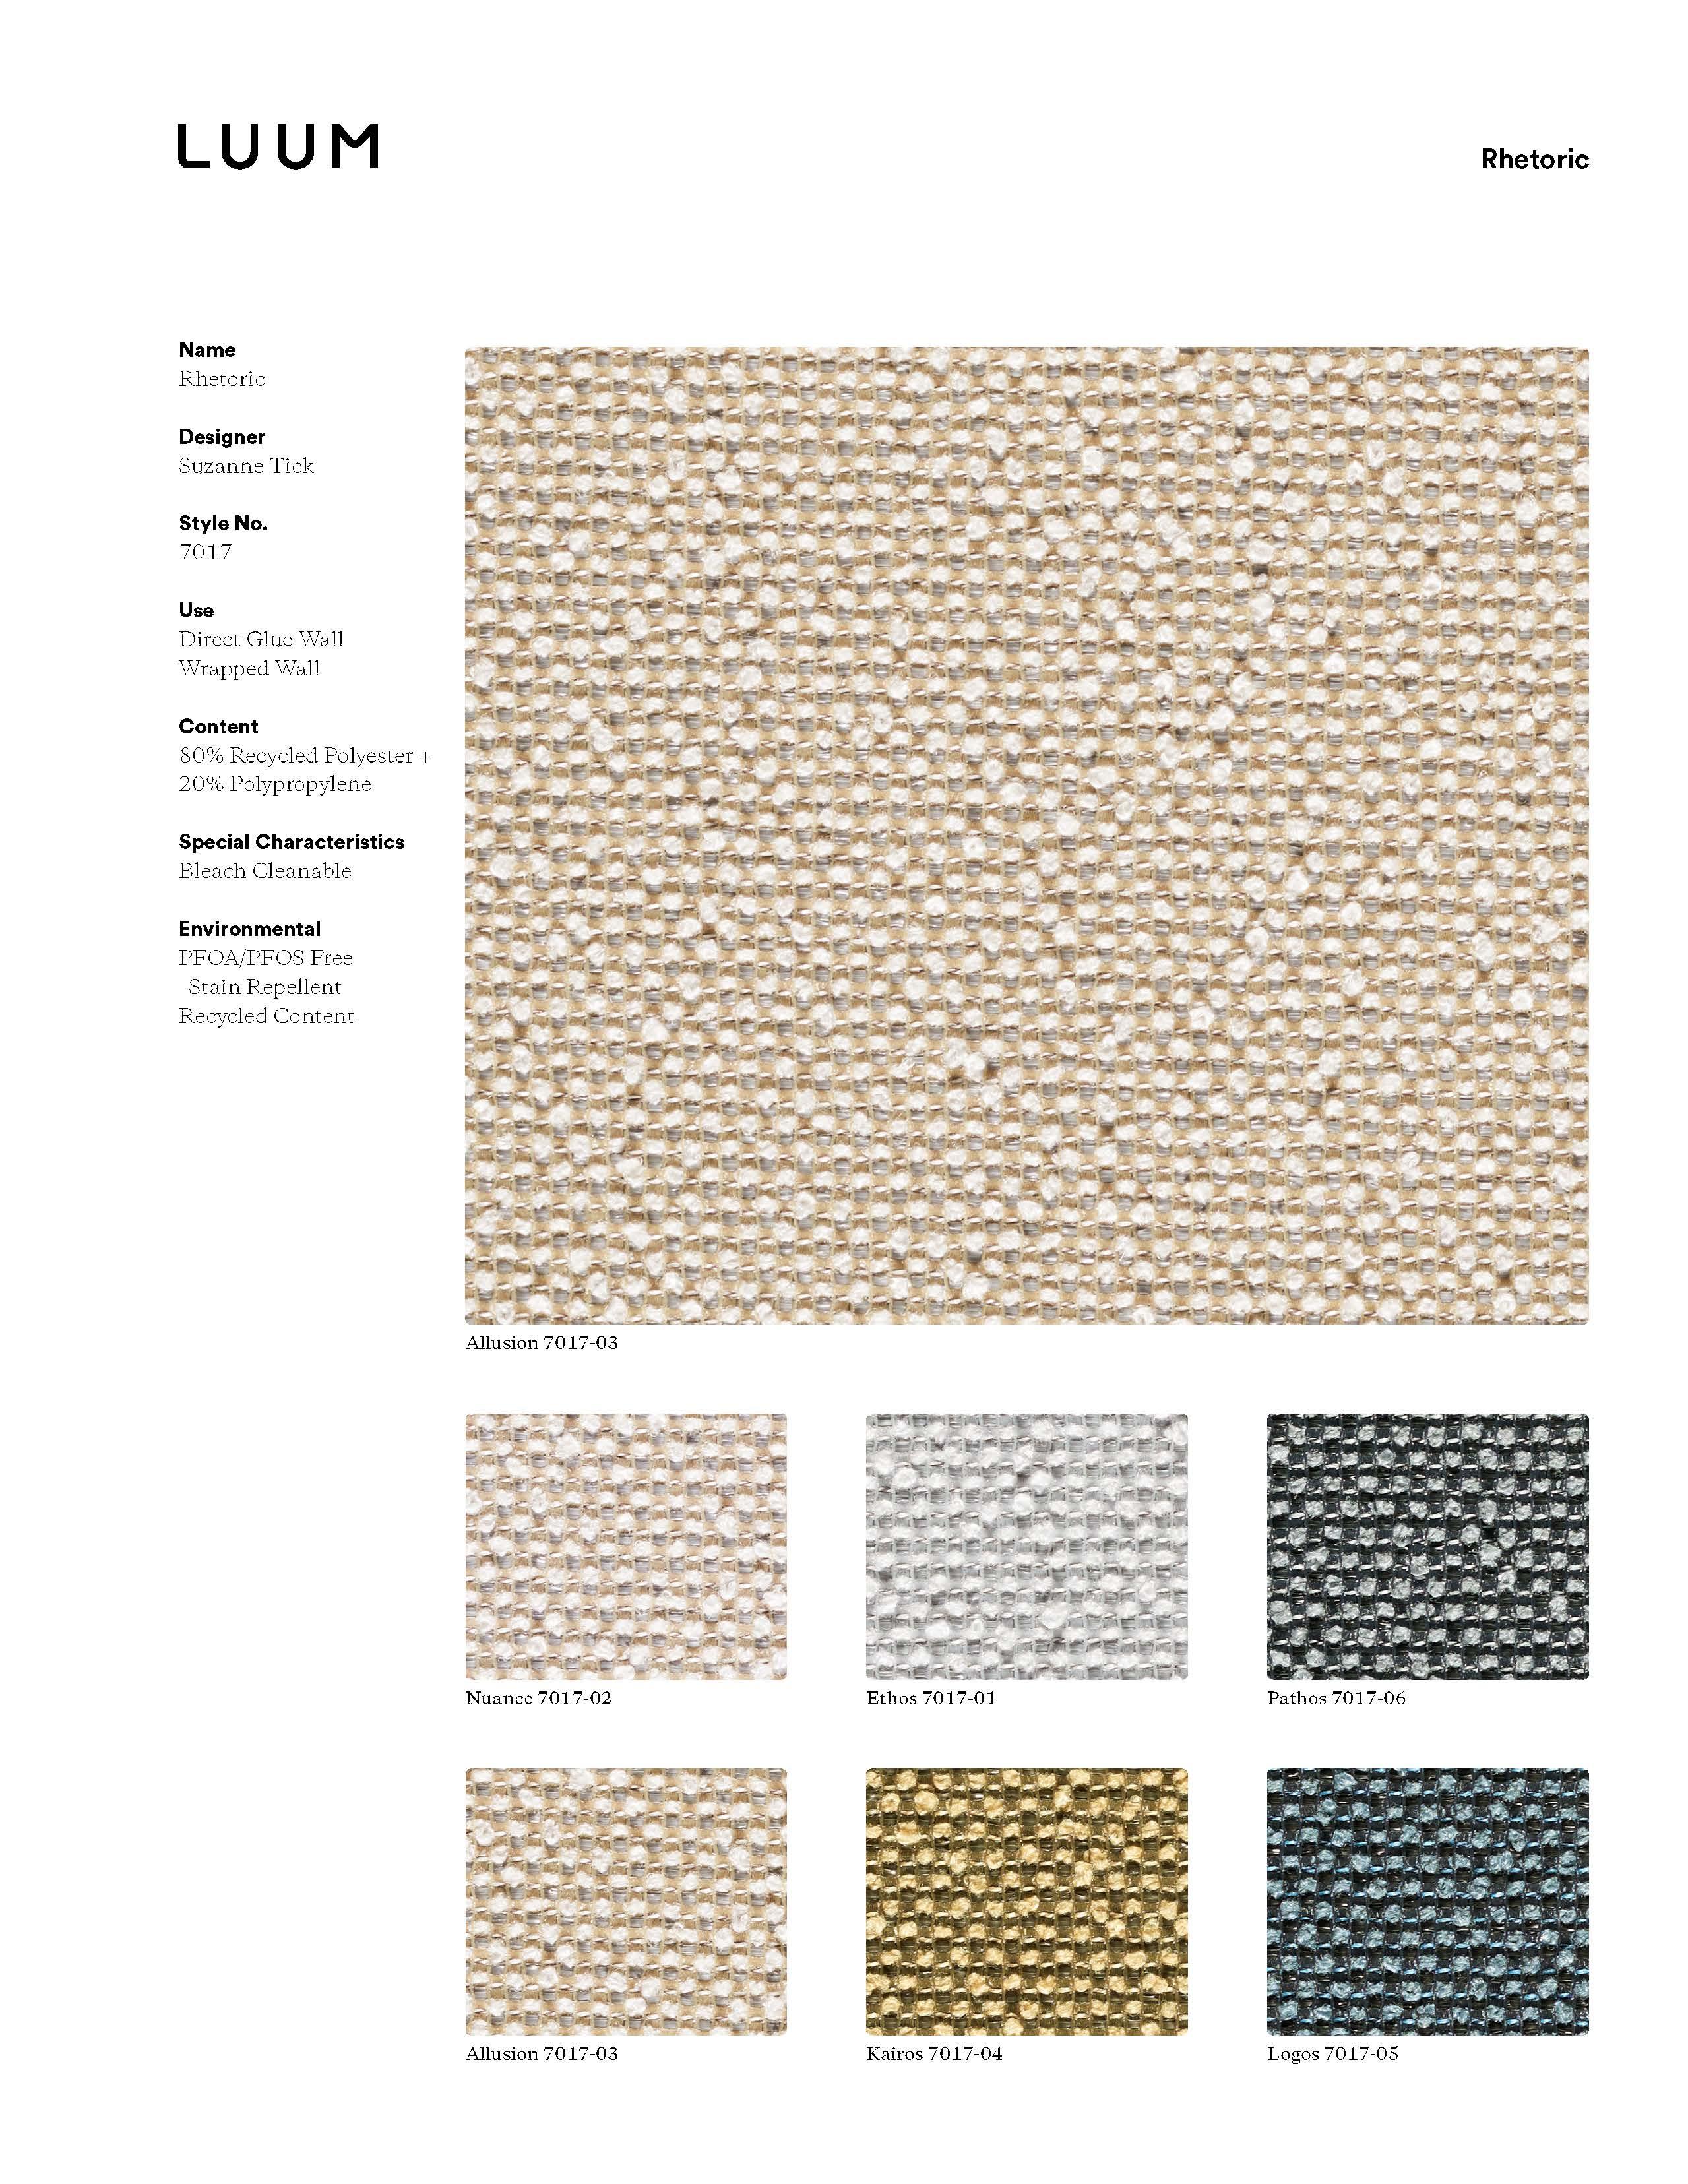 Rhetoric - Pathos - 7017 - 06 Sample Card